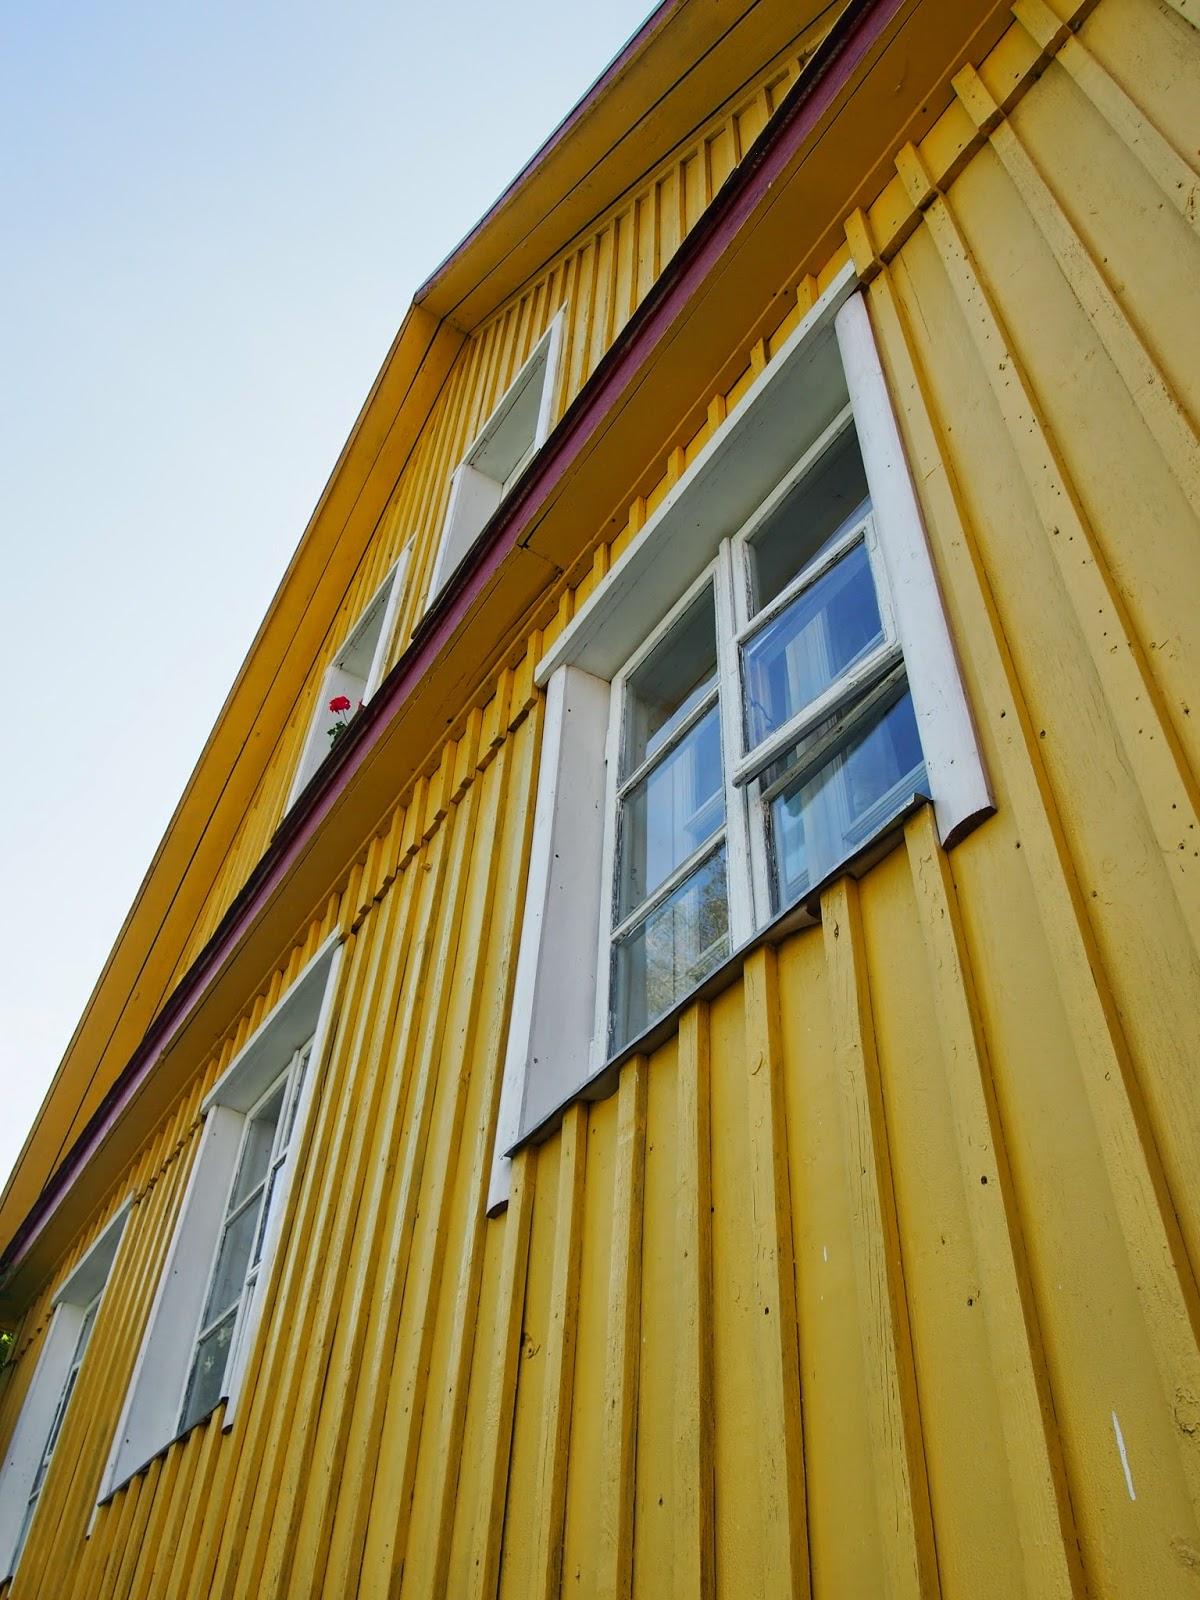 The colorful Karaites homes in Trakai, Lithuania